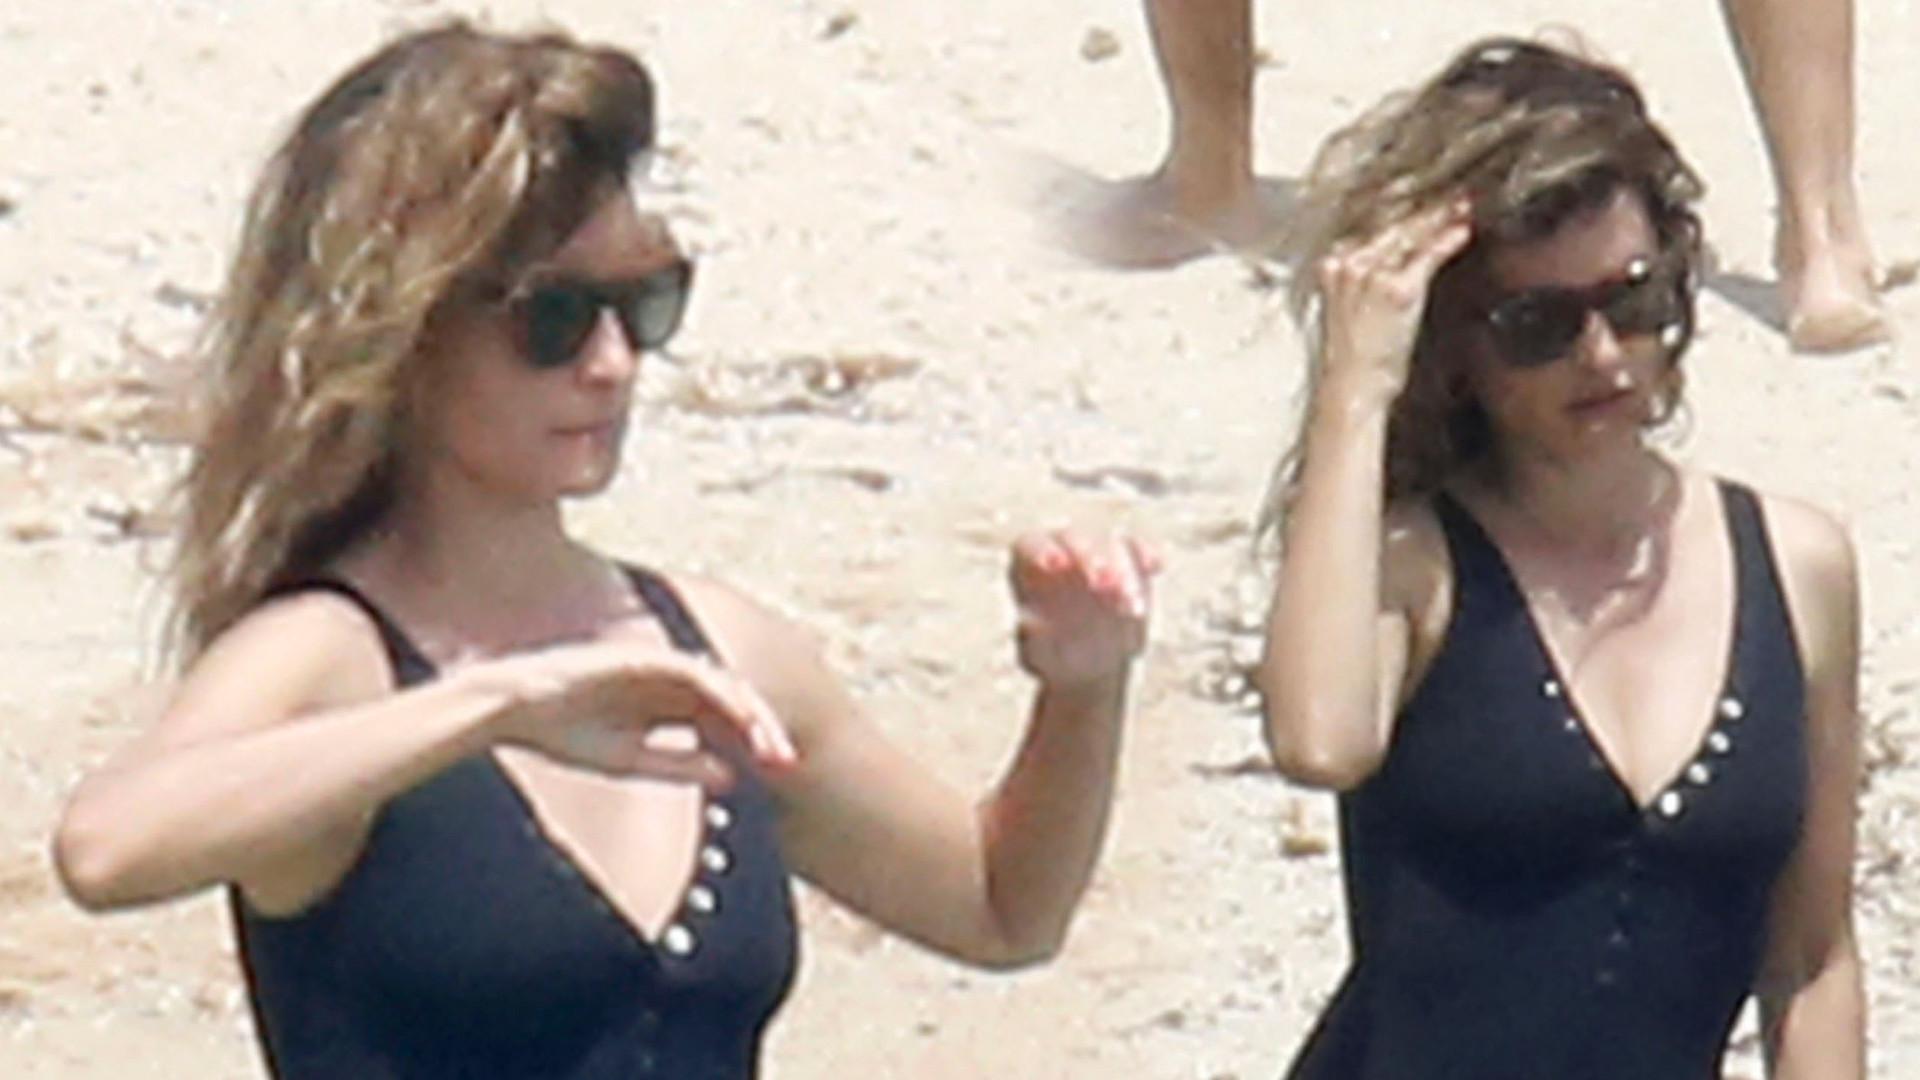 Penelope Cruz pluska się w morzu na wakacjach z mężem i dziećmi (ZDJĘCIA)